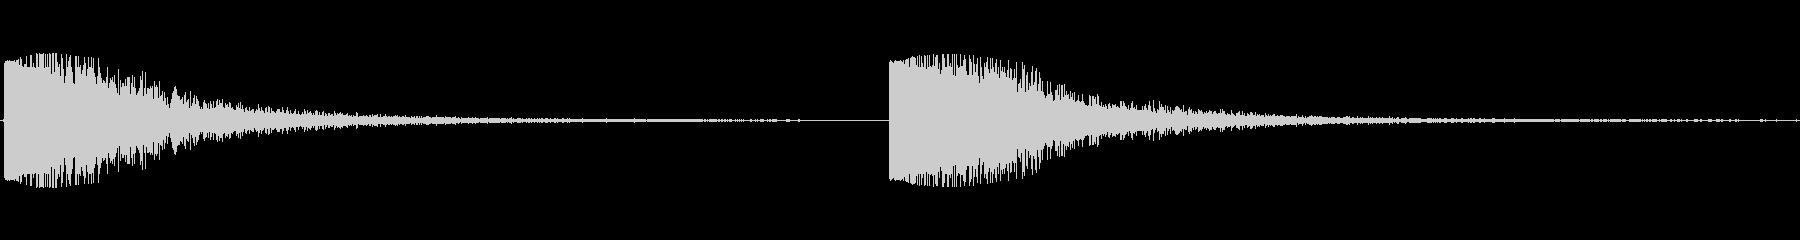 金属ハンマーヒットリバーブの未再生の波形